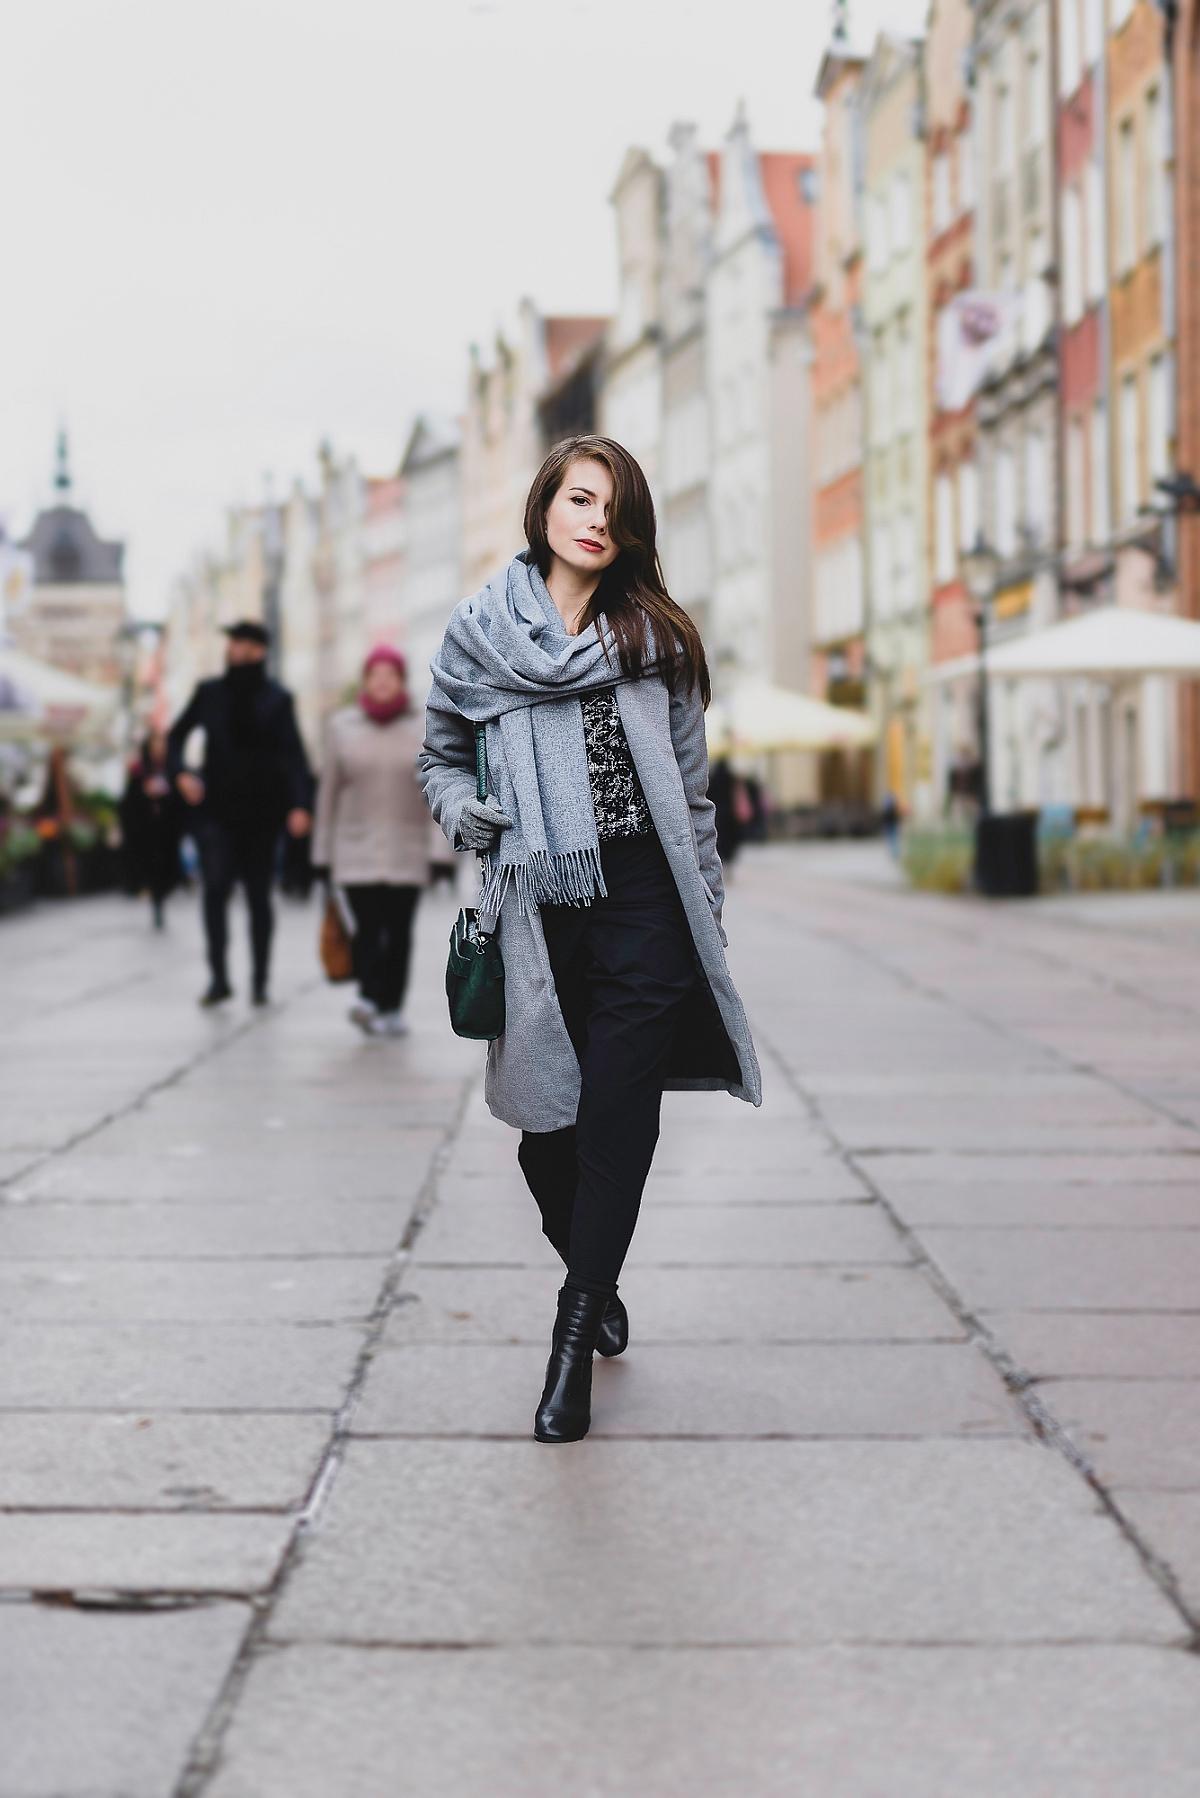 Sesja modowa - Gdańsk ul. Długa